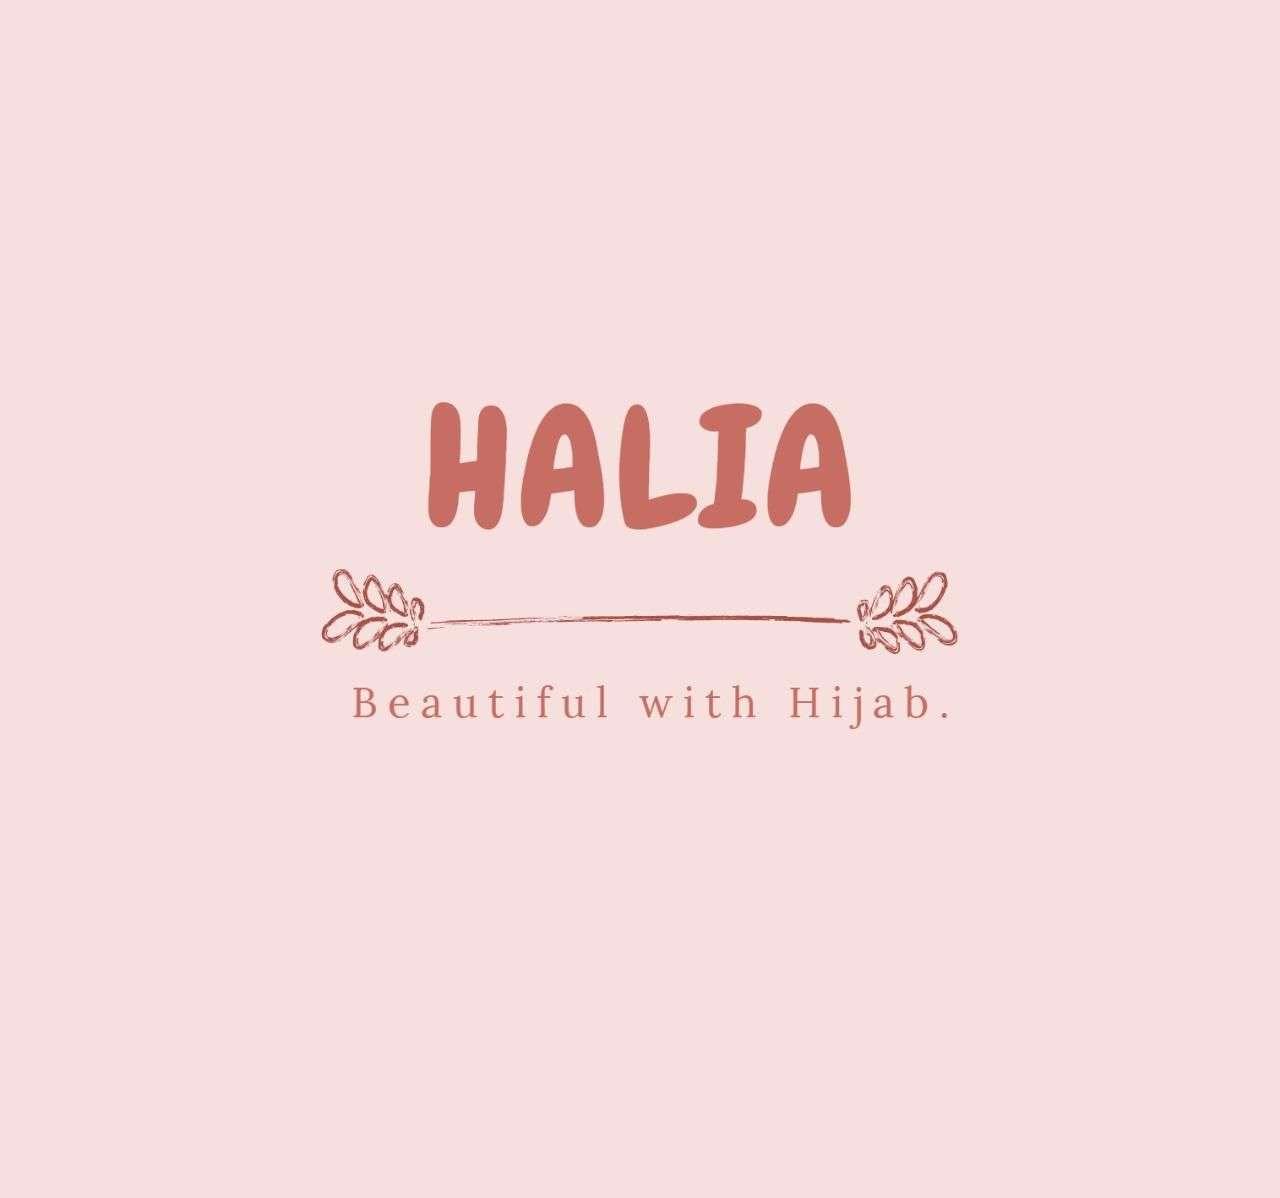 Halia.Scarf